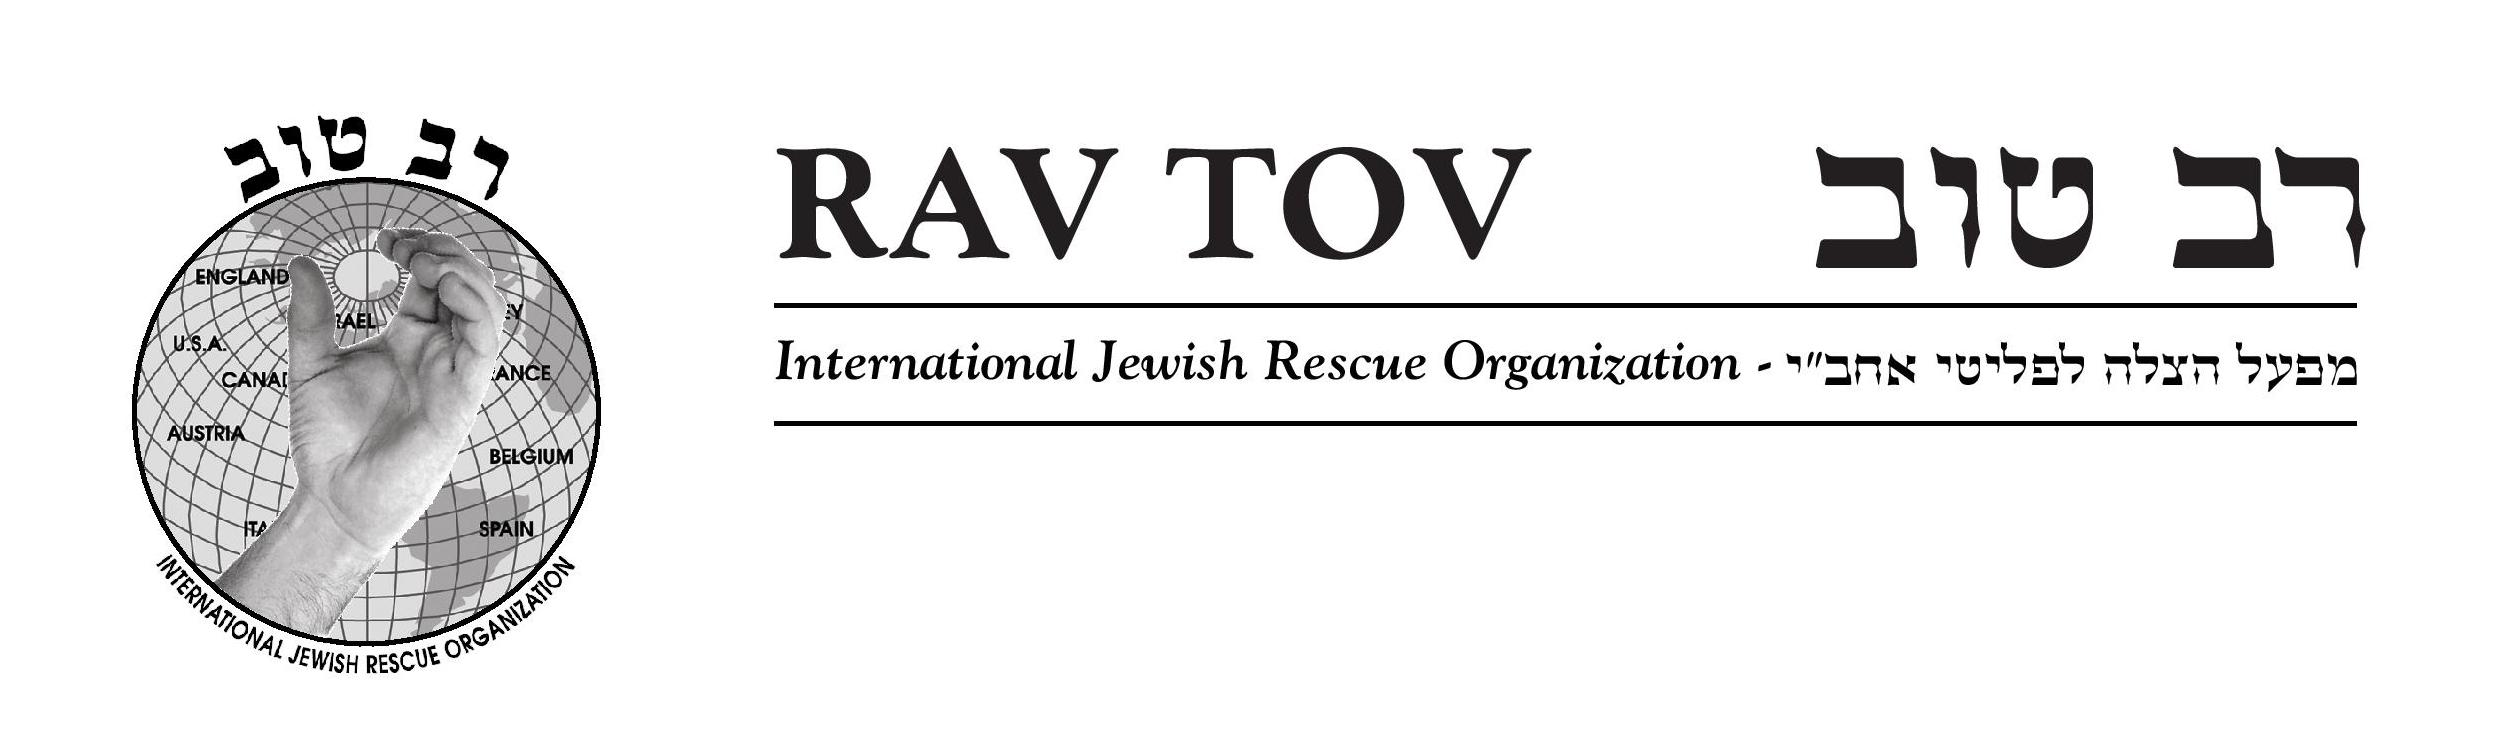 Rav Tov,